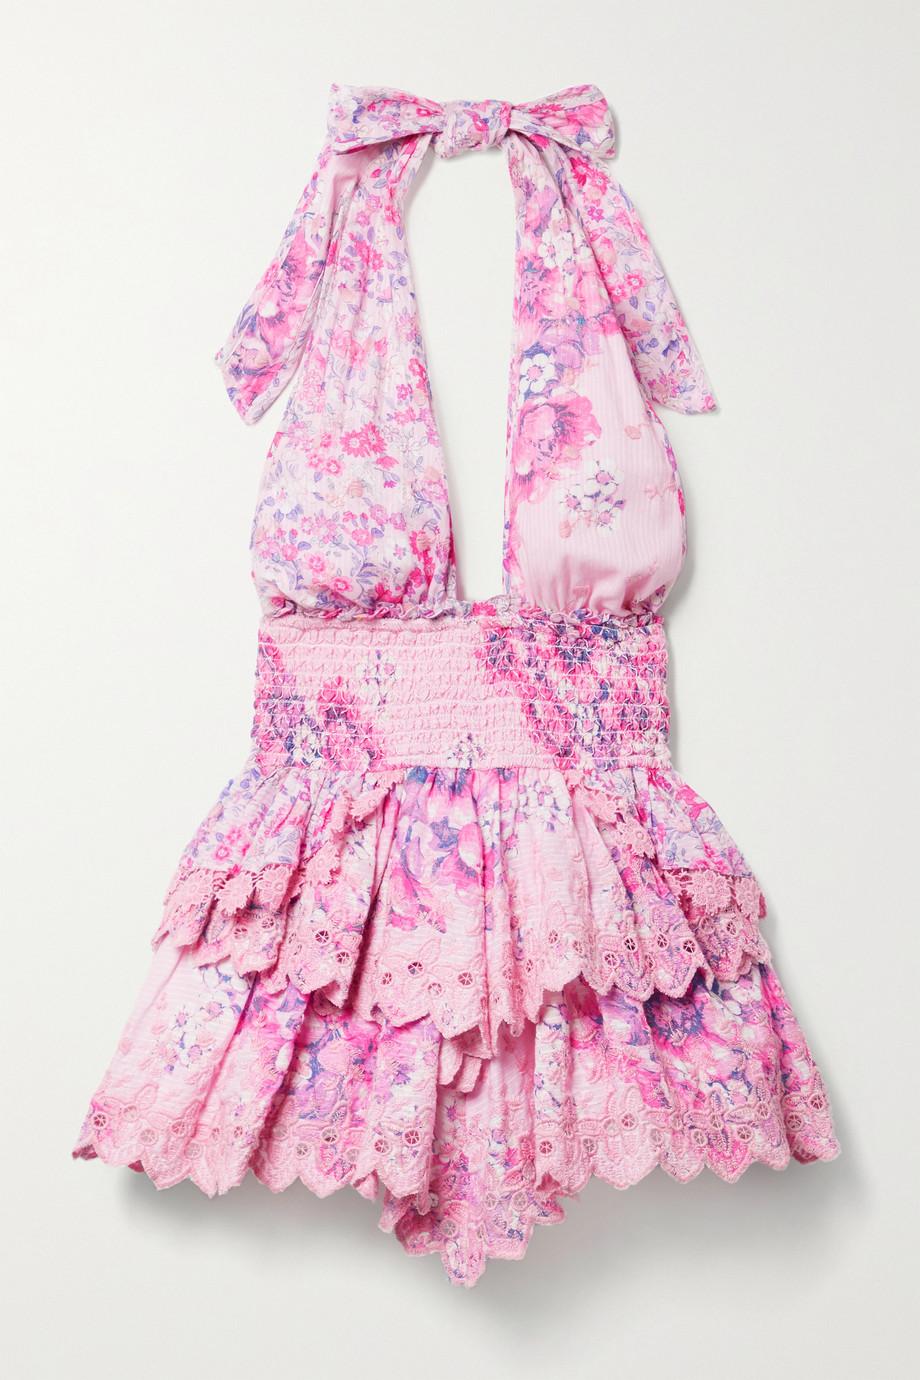 LoveShackFancy Mini-robe dos nu en broderie anglaise de voile de coton à imprimé fleuri Deanna